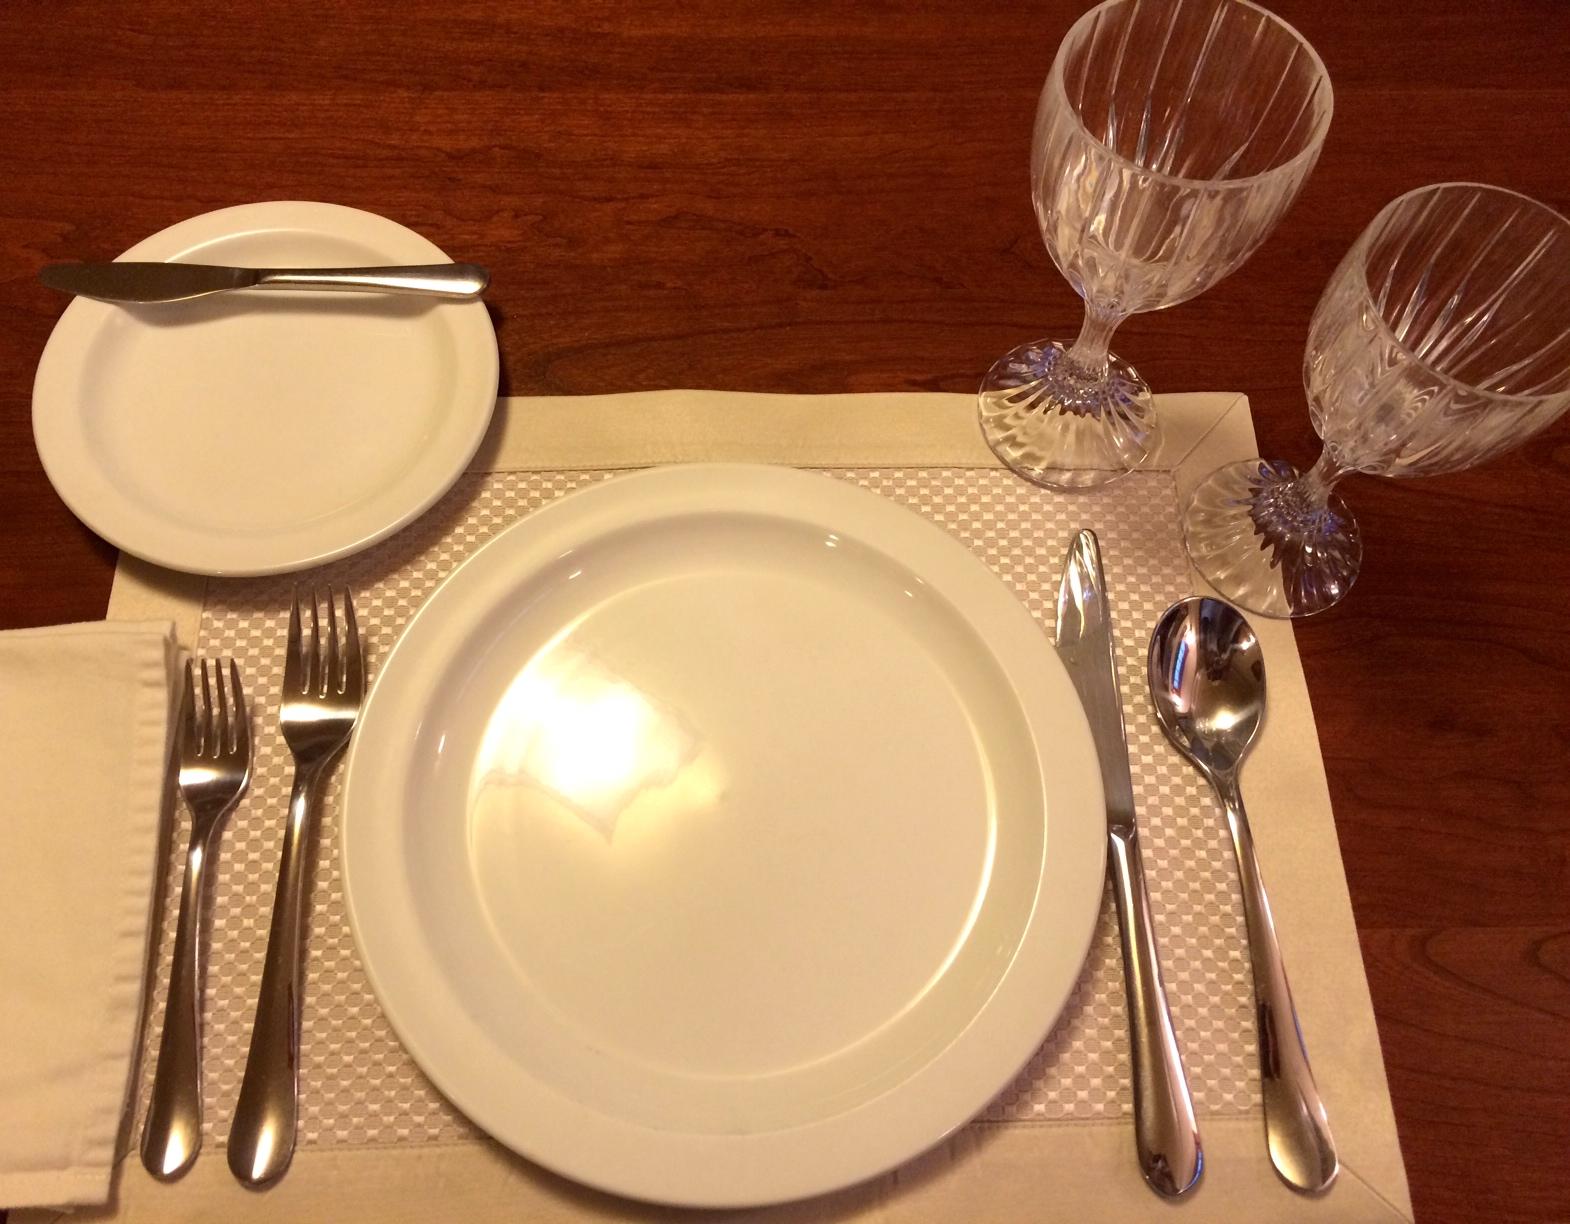 Table Setting Etiquette